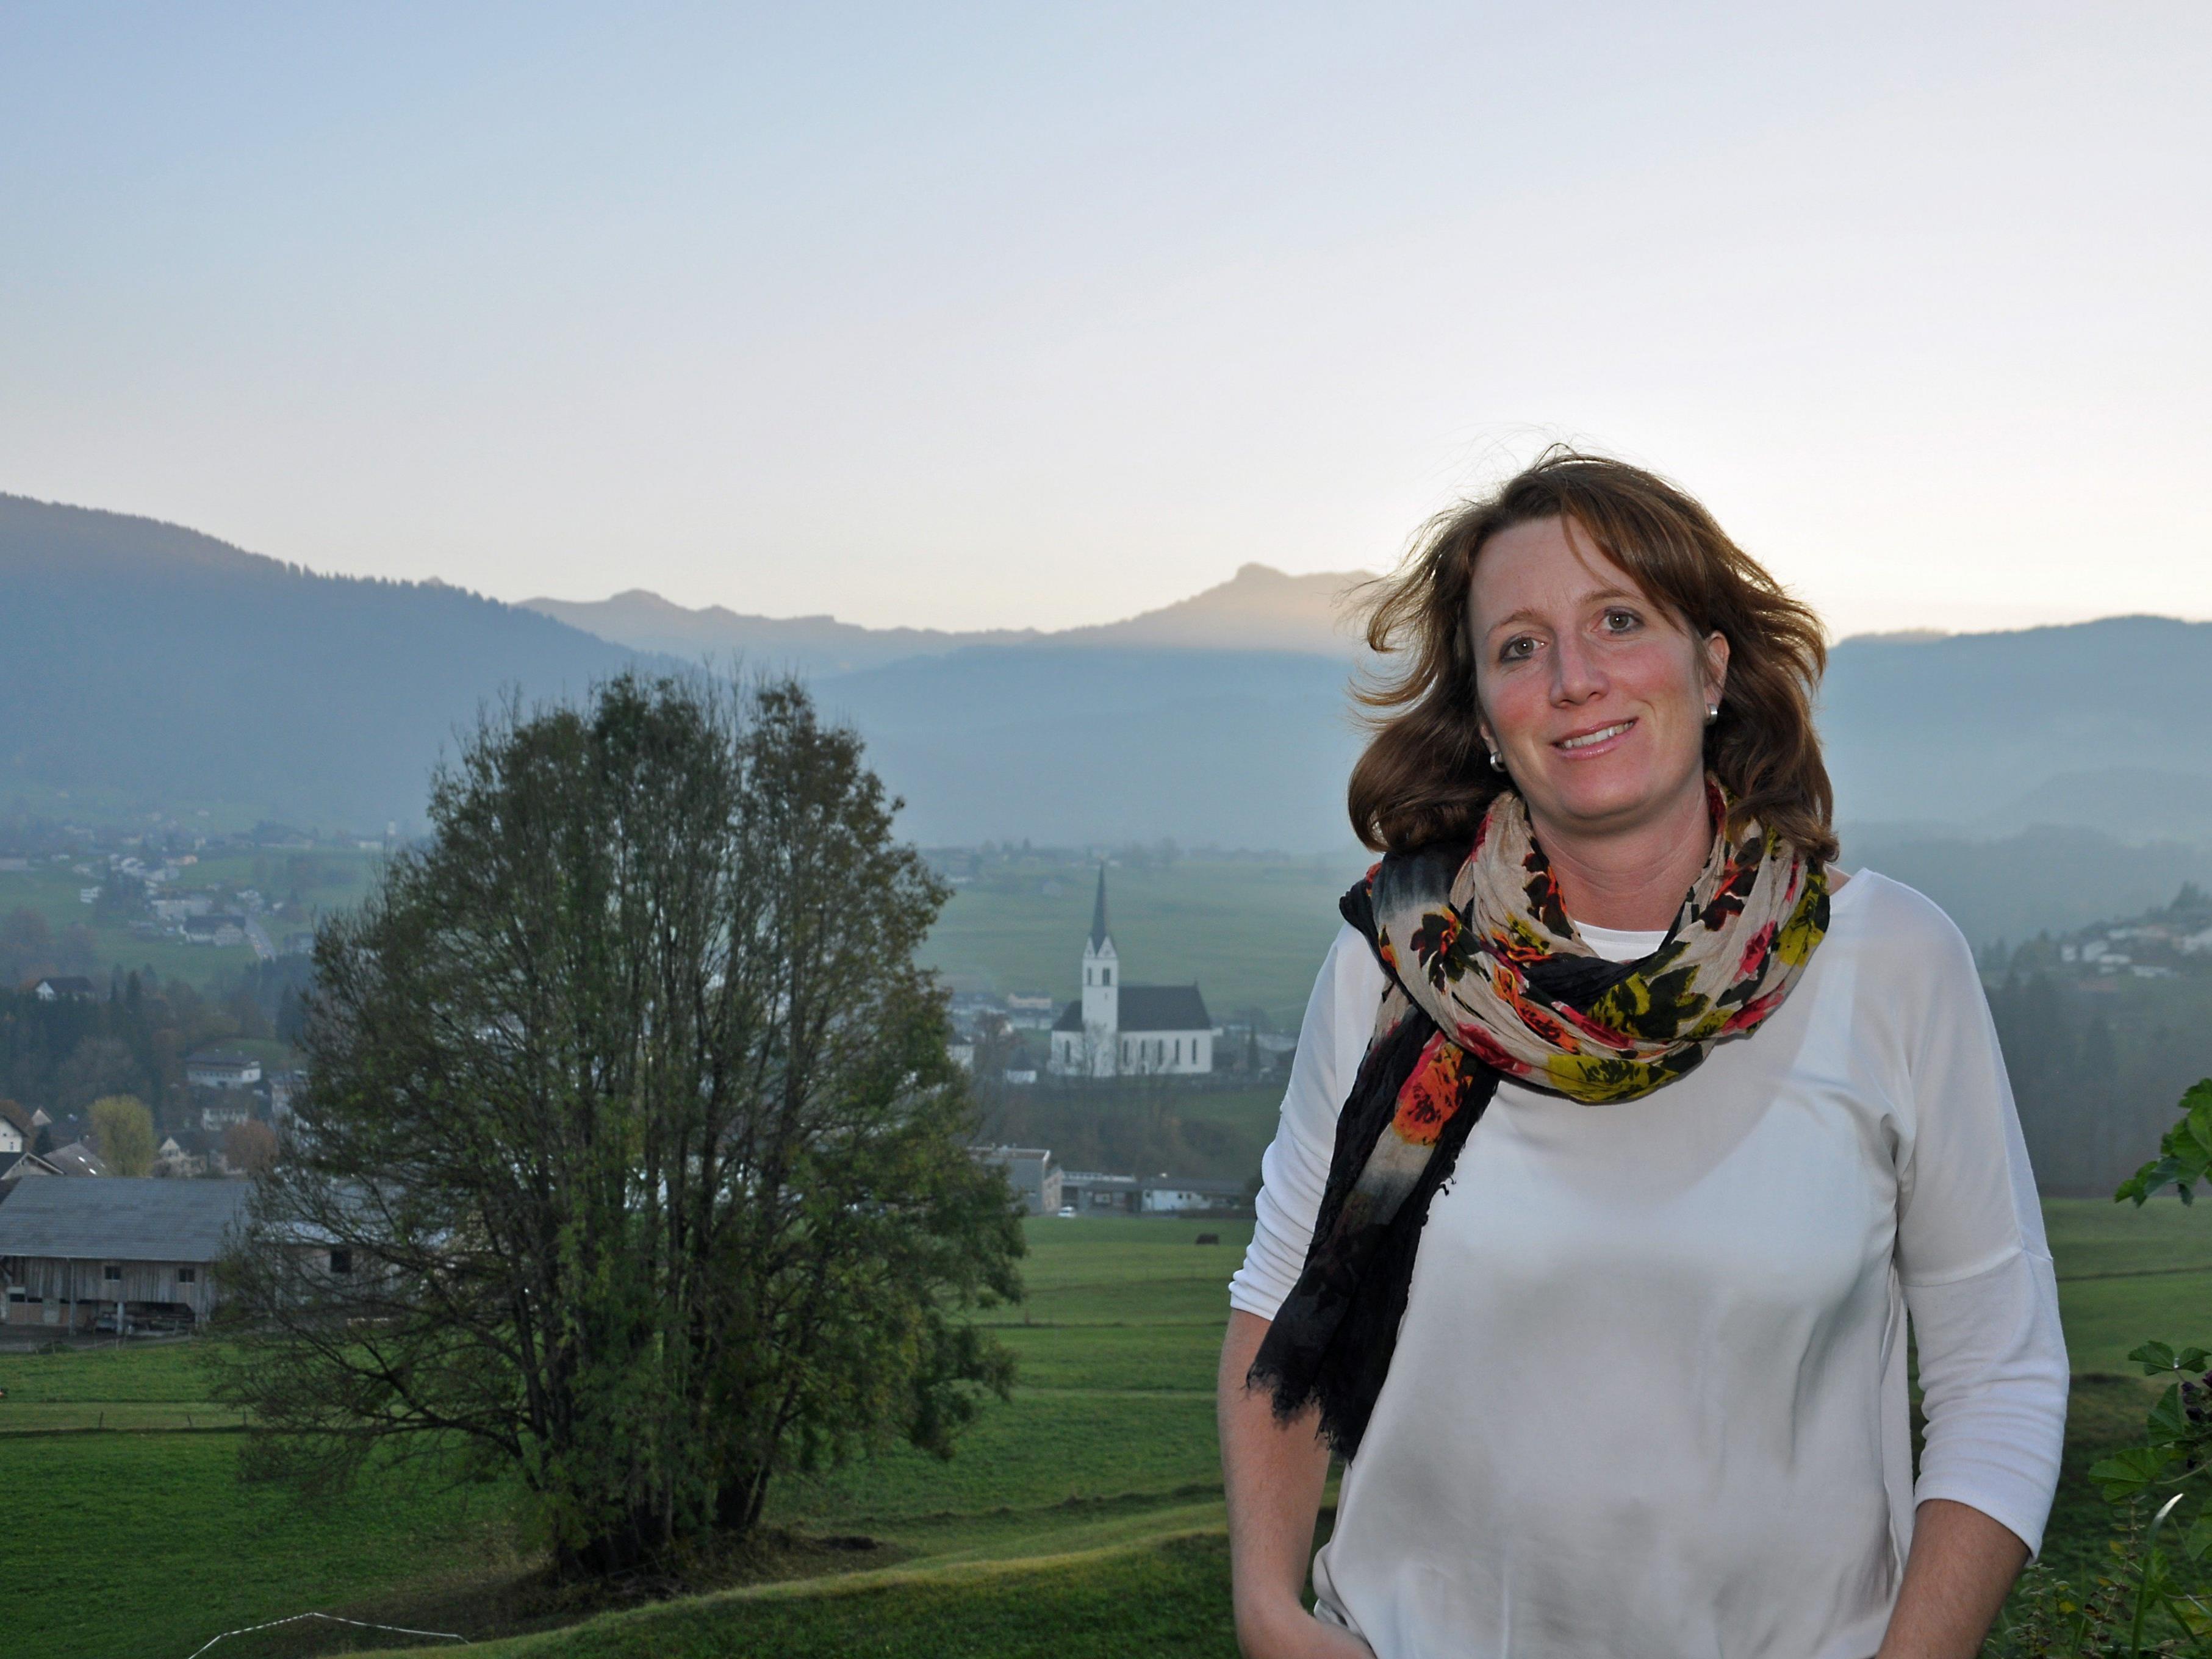 Gemeinderätin Carmen Willi möchte sich an den Bedürfnissen der Zielgruppen orientieren.